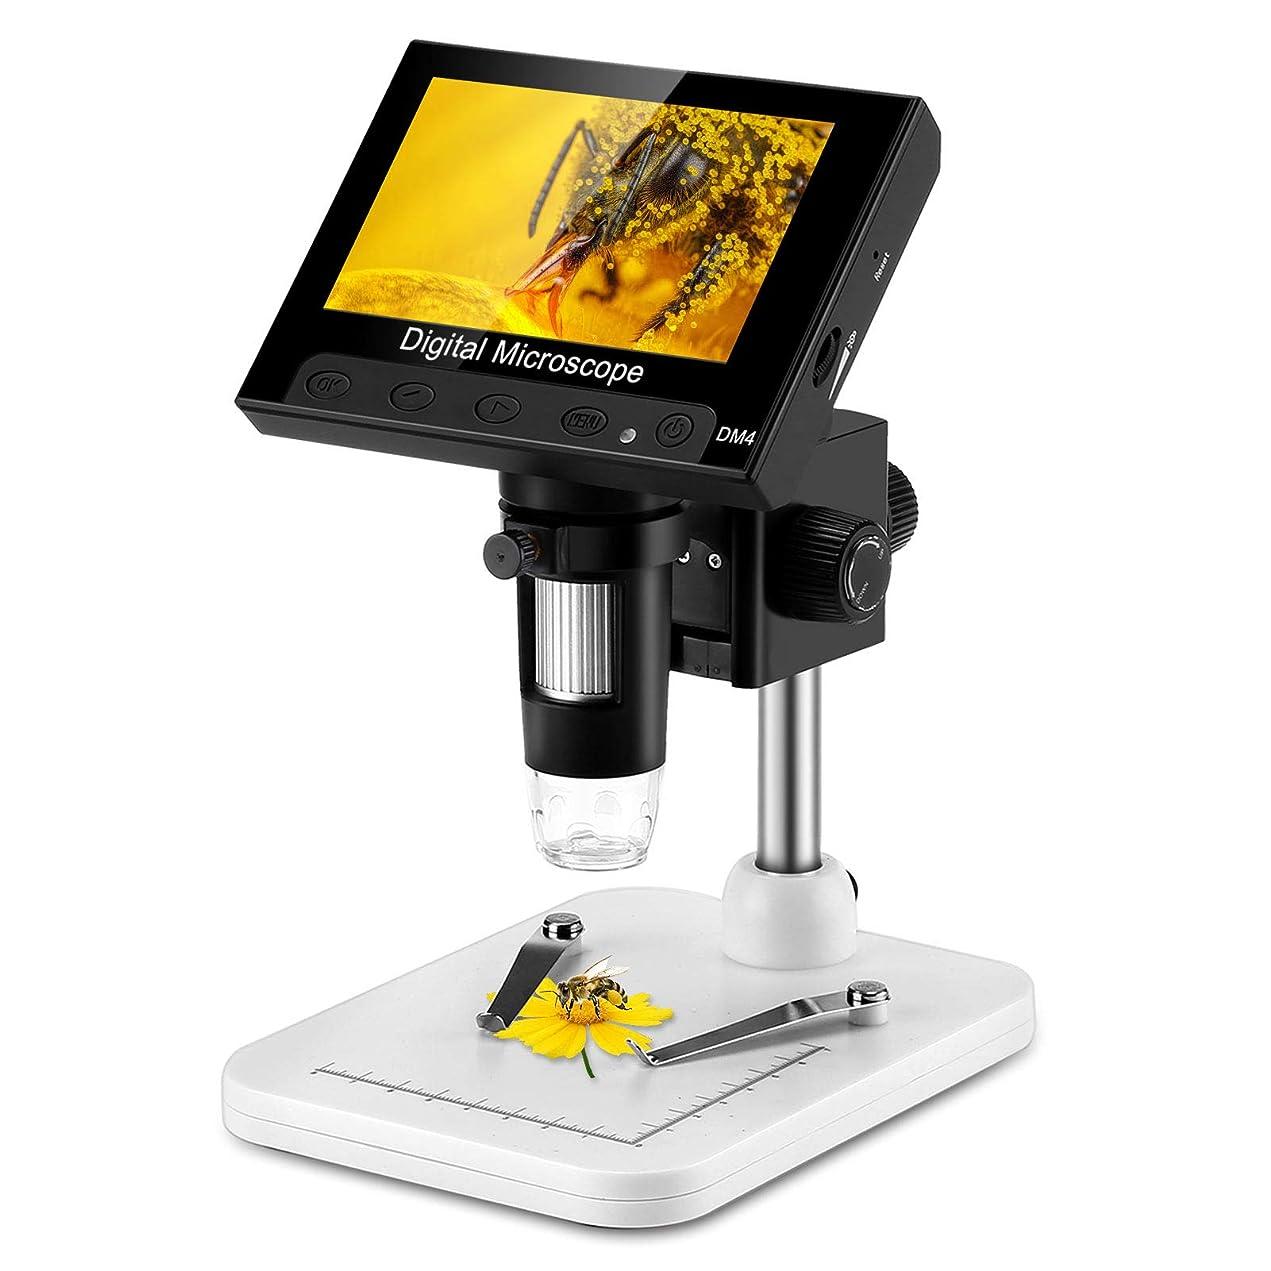 溶接突破口前提条件Elikliv 4.3インチ LCD デジタル USB 顕微鏡内視鏡 記録 1000倍拡大ズーム、8つの調整可能なLEDライト、マイクロSDストレージ、カメラビデオレコーダー 修理はんだ付け用